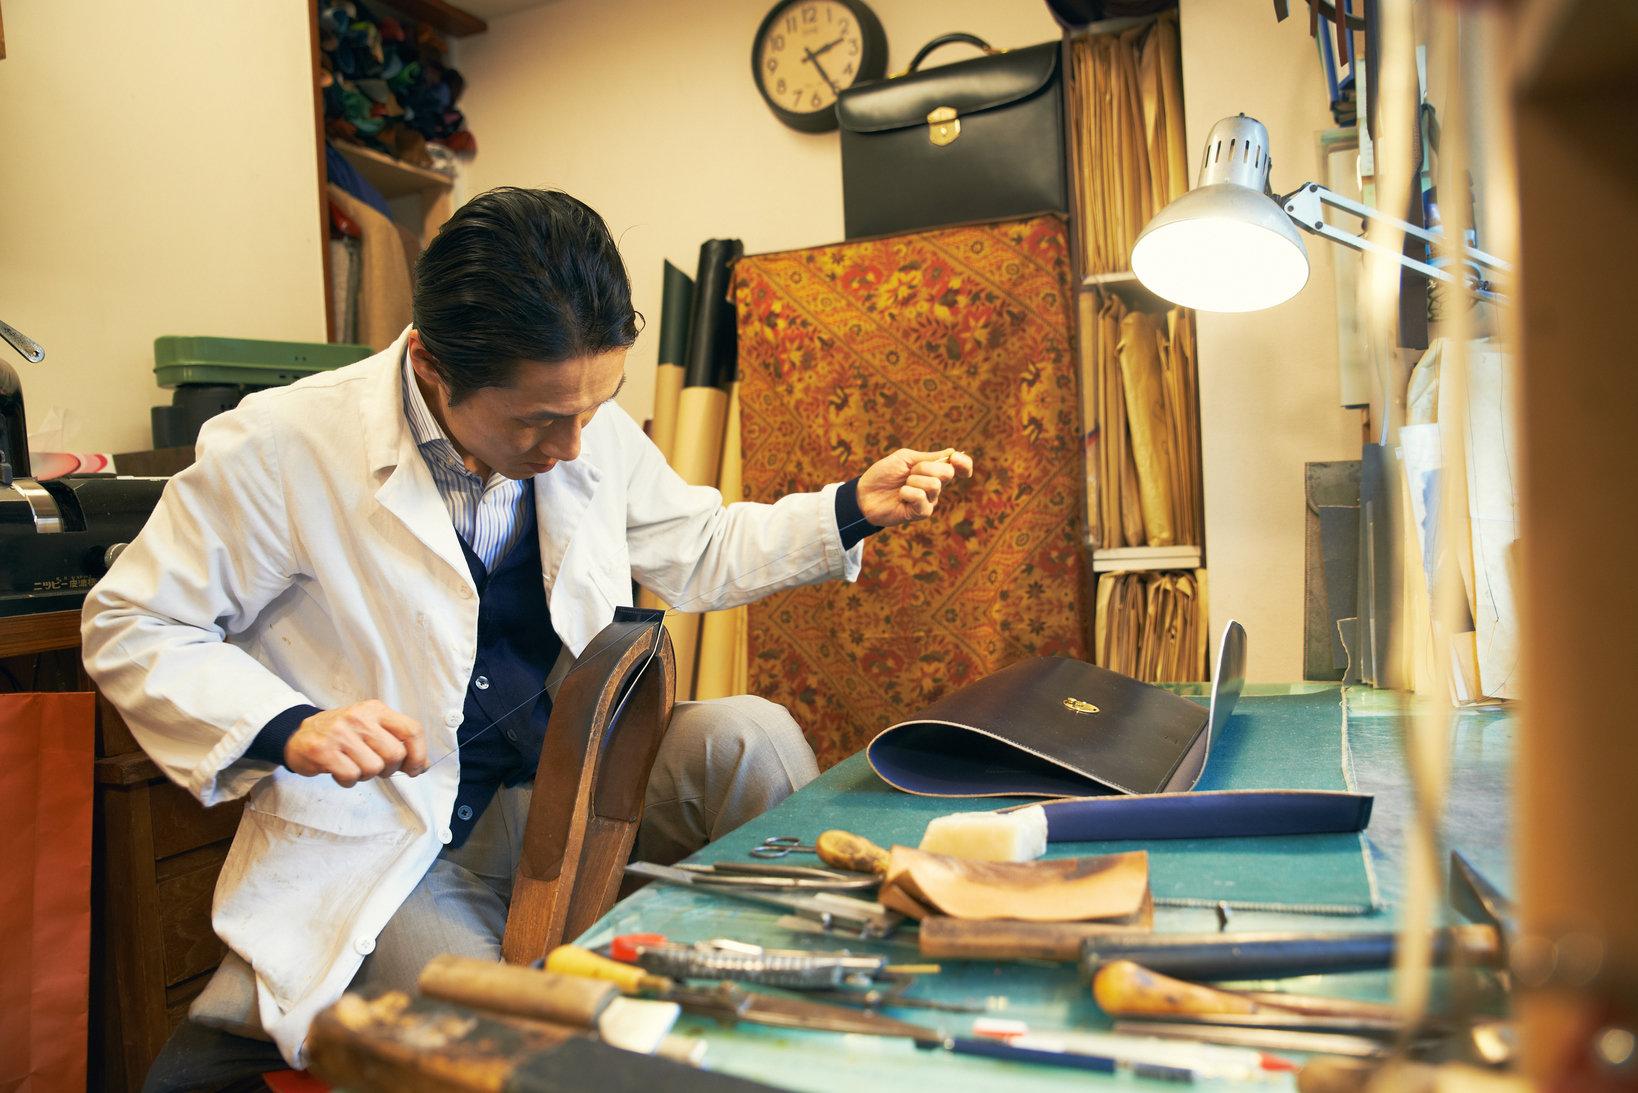 OLTUSの鞄は全て手縫いで作られている。手縫いと言っても小松さんの手縫いのステッチはとにかく細かく、乱れることがない。まさに精緻をきわめている。(撮影:佐々木孝憲)